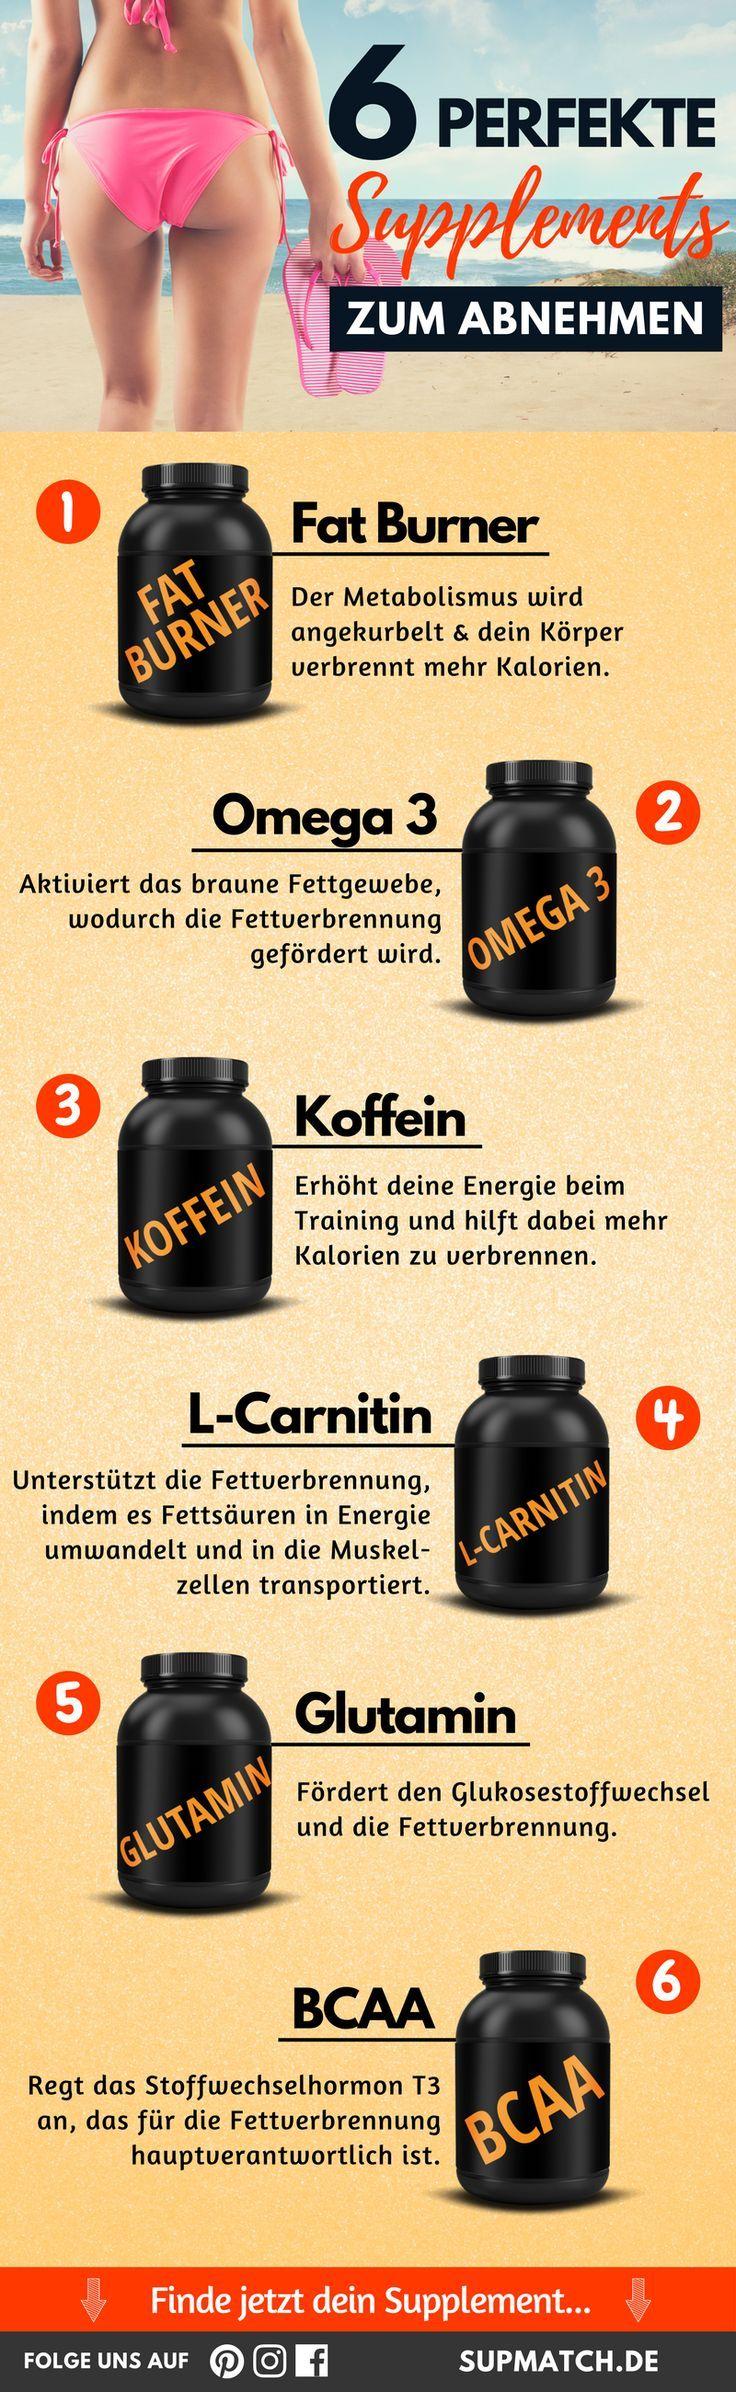 6 perfekte Supplements zum Abnehmen.